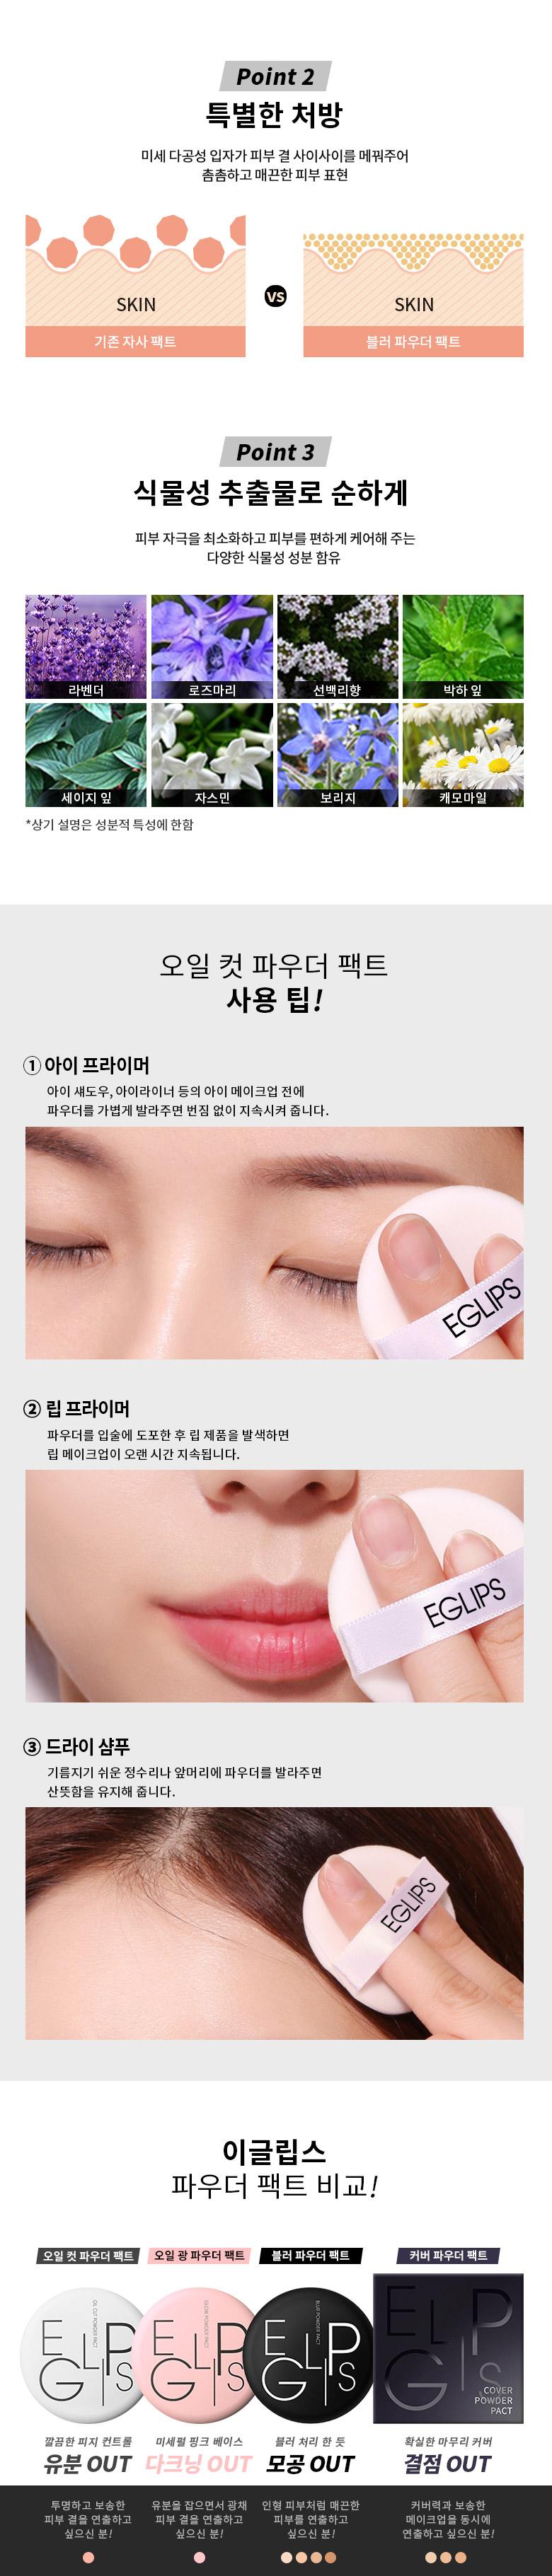 eglips-oil-cut-powder-pact-8g-korean-cosmetics2.jpg